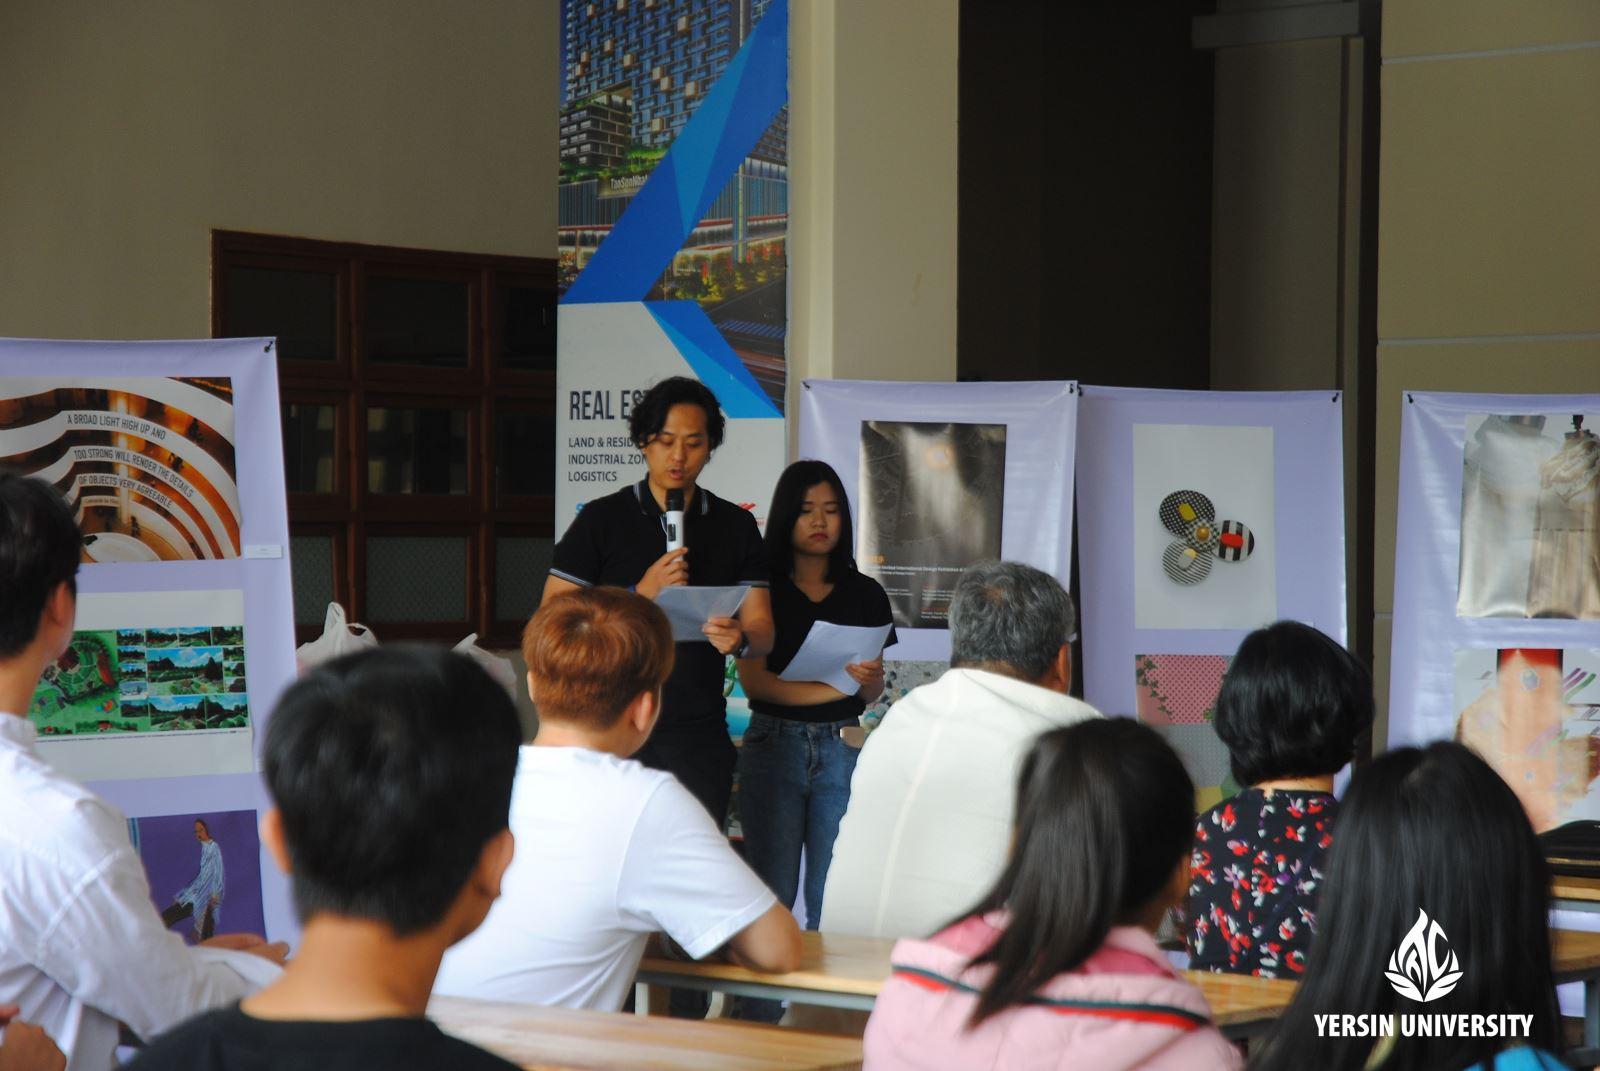 Sinh viên tham dự chương trình Hội thảo Thiết kế Quốc tế mùa hè